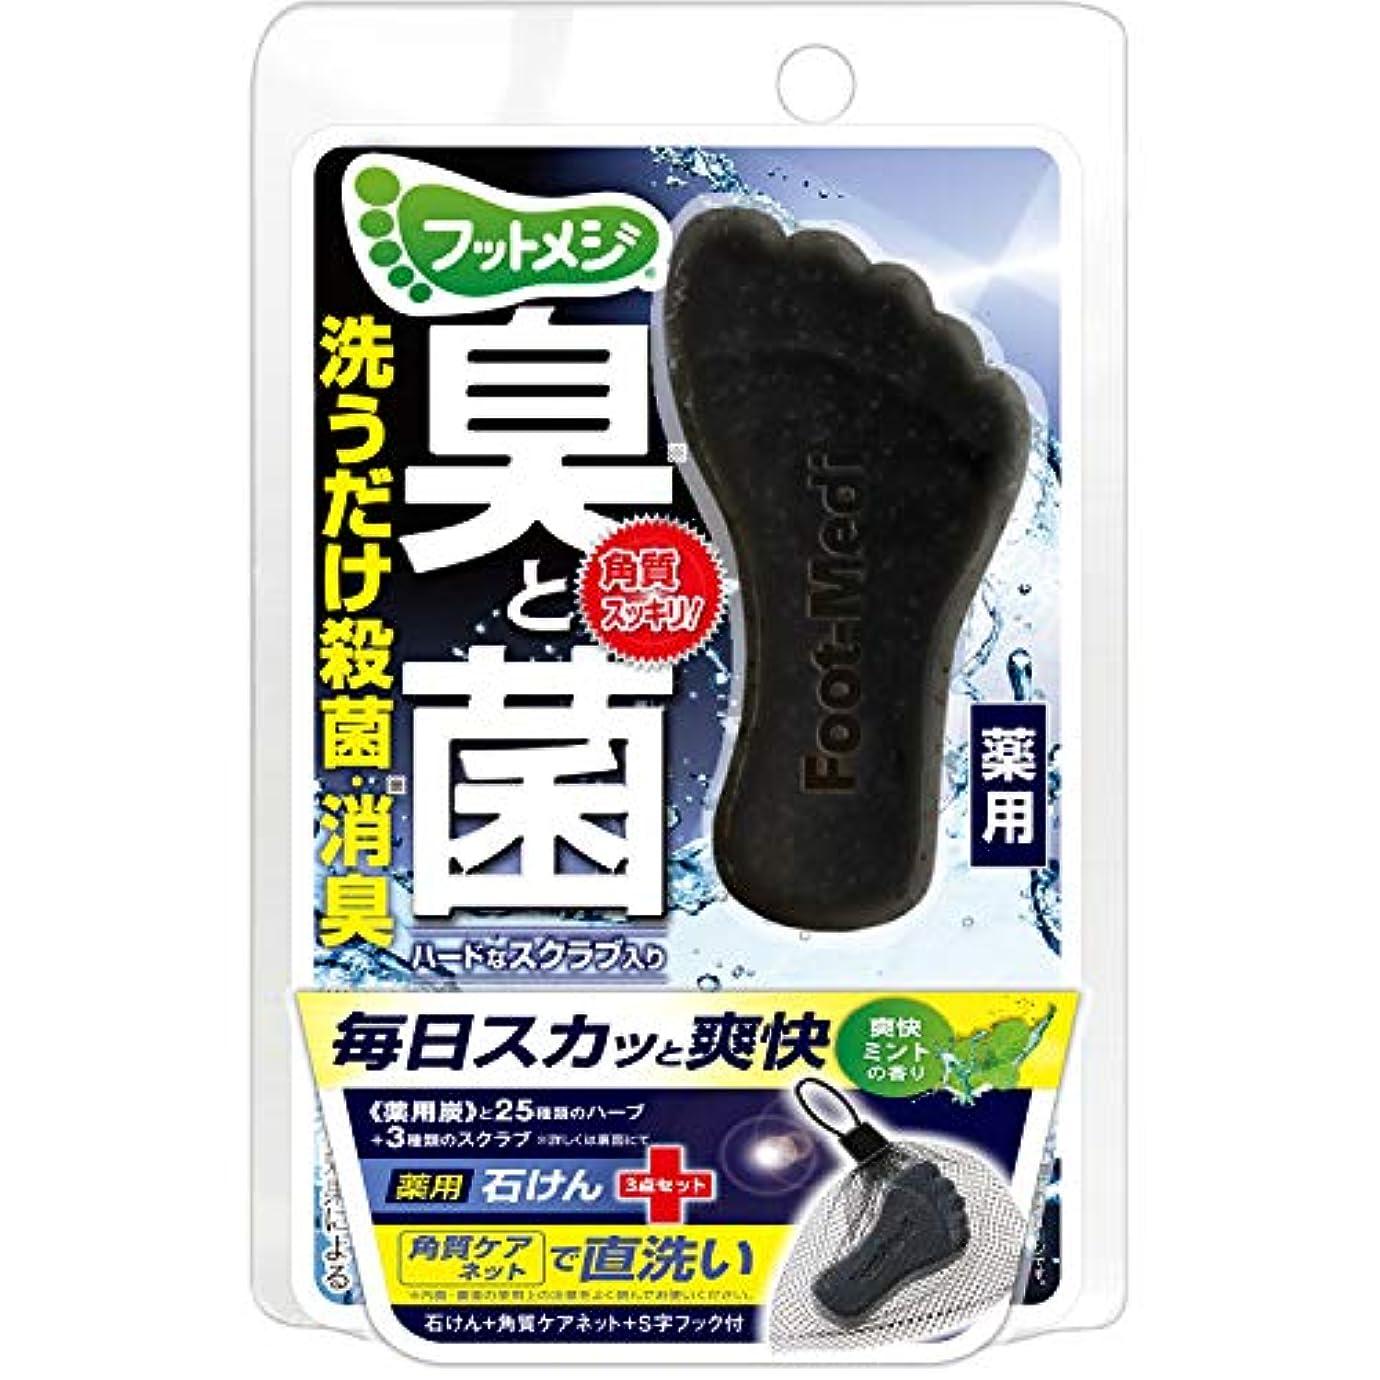 乳白ソートかけがえのないフットメジ 薬用 足用角質クリアハーブ石けん 爽快ミント 60g